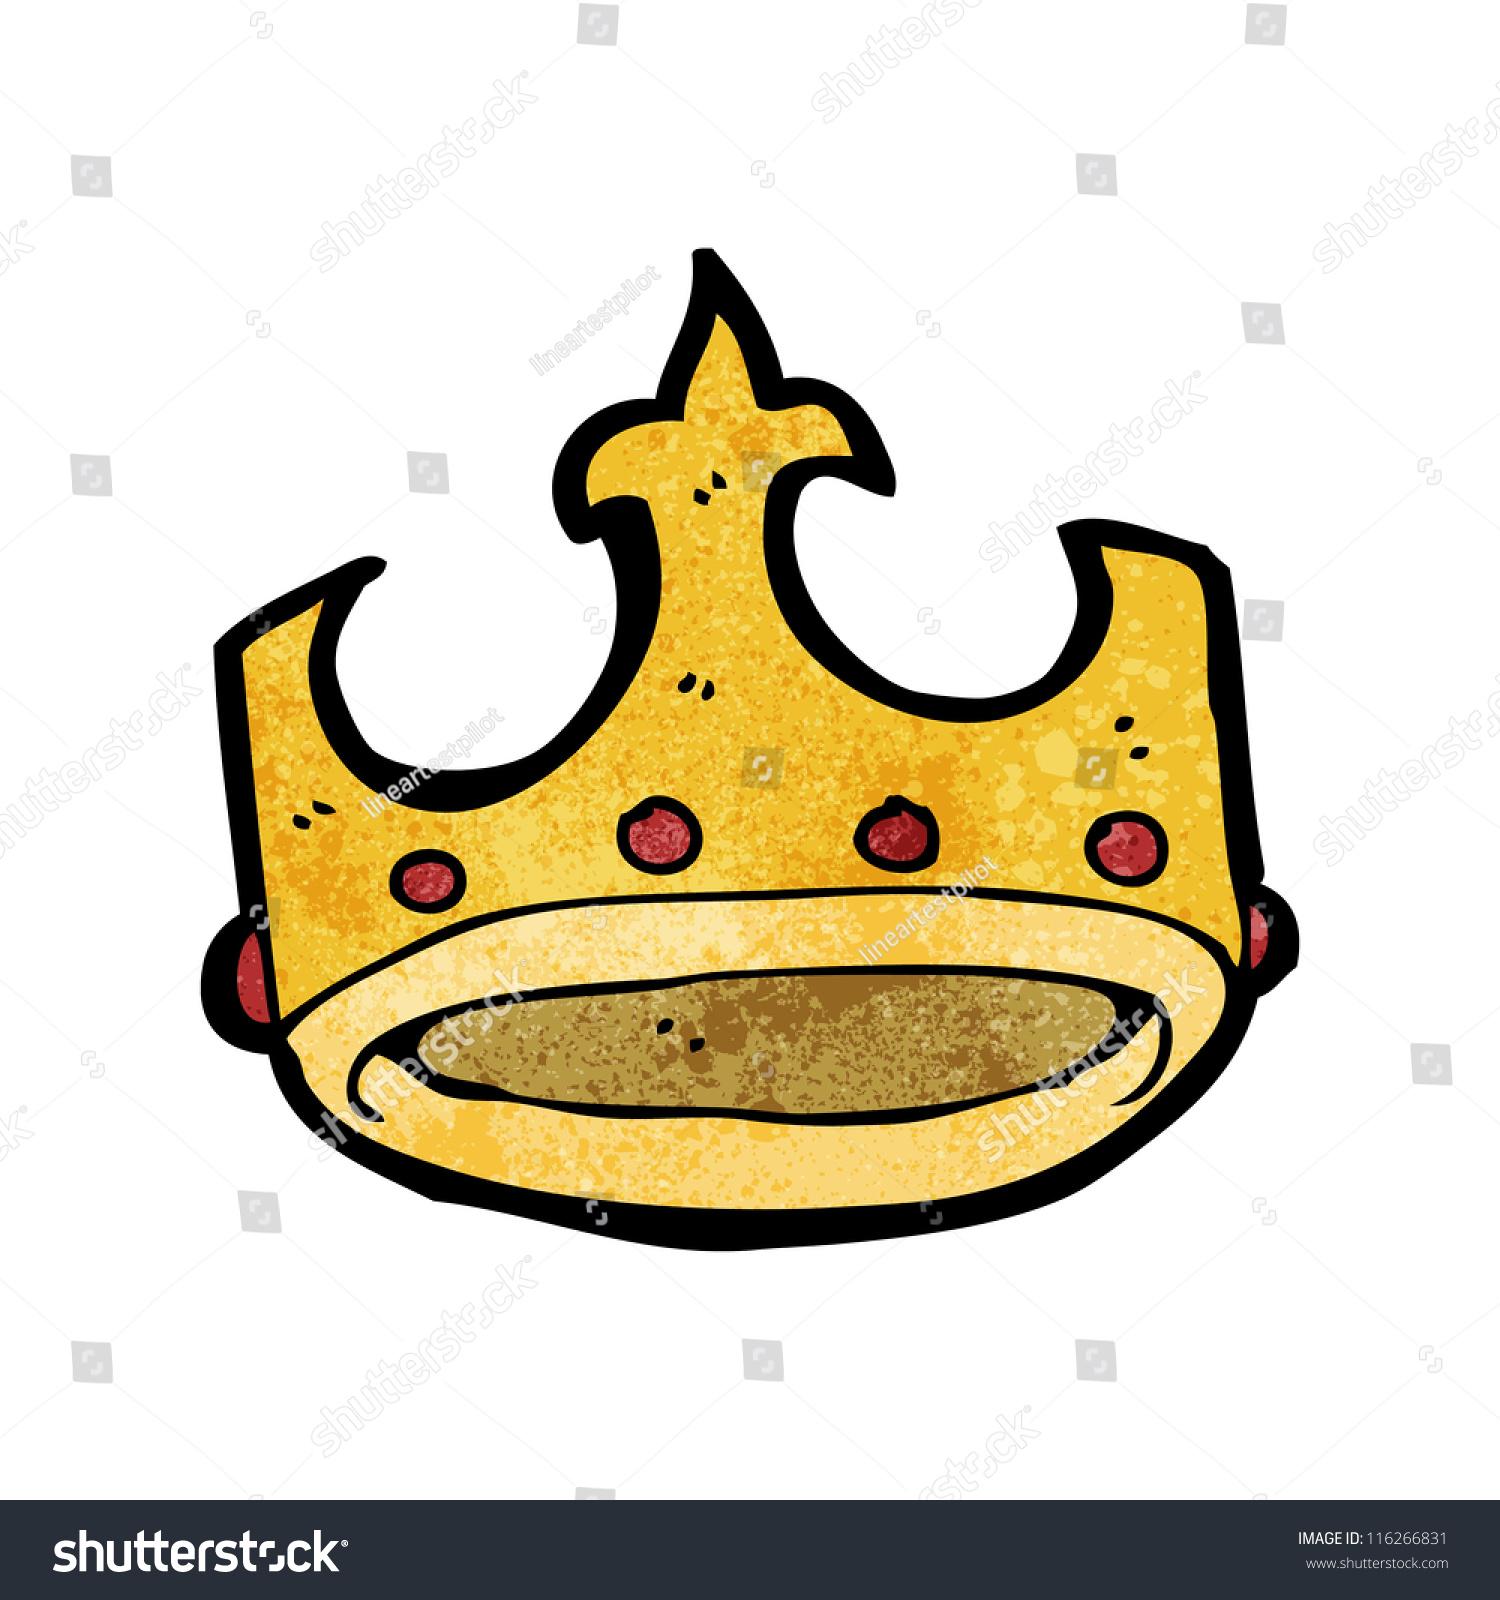 简单头像小图案 皇冠